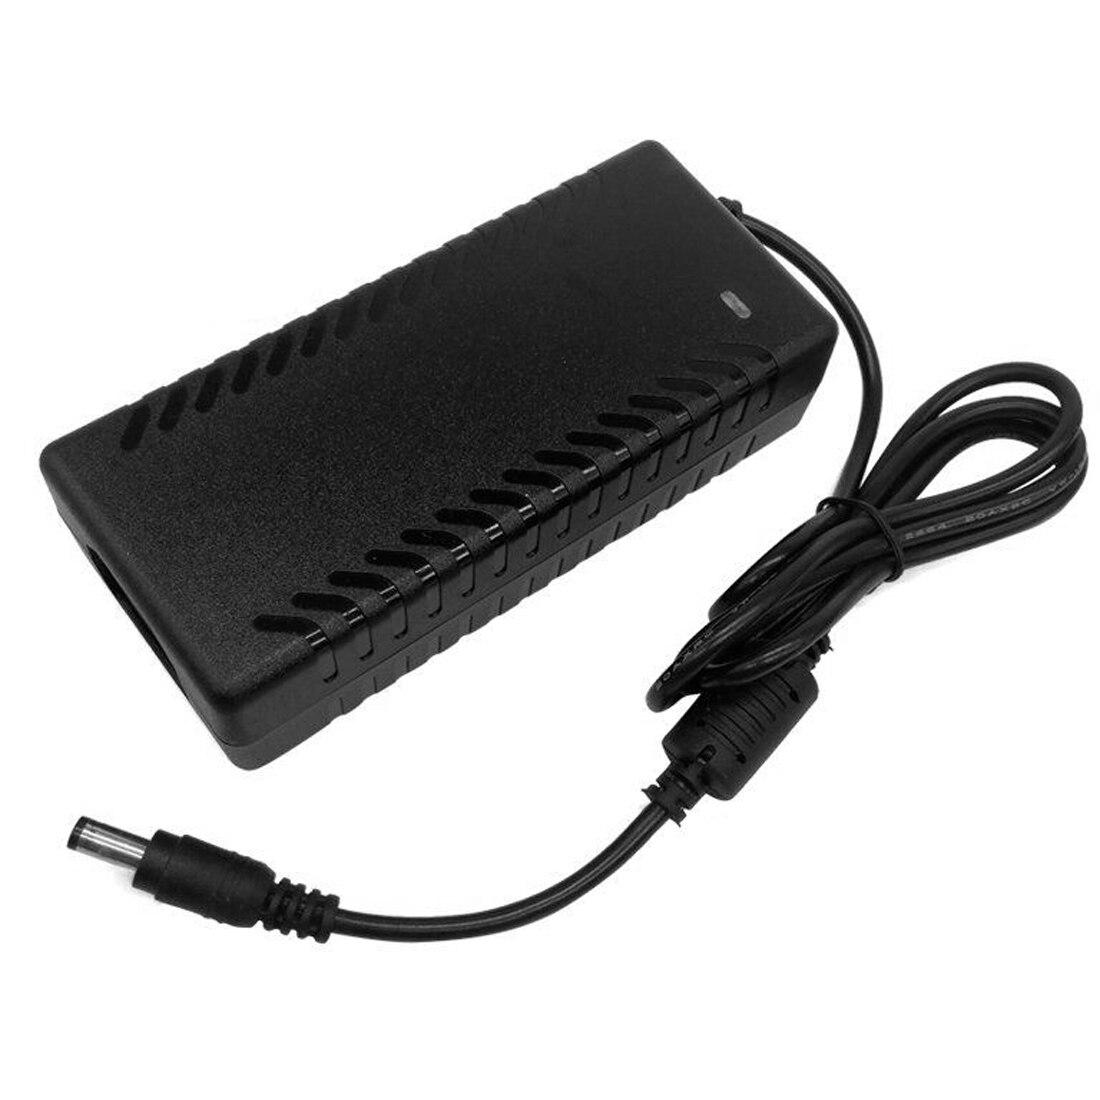 Универсальный адаптер переменного тока 100-240 В 6A 50-60 Гц DC 15 в 6A 5,5 мм разъем питания зарядное устройство для ноутбука для Poe переключатель